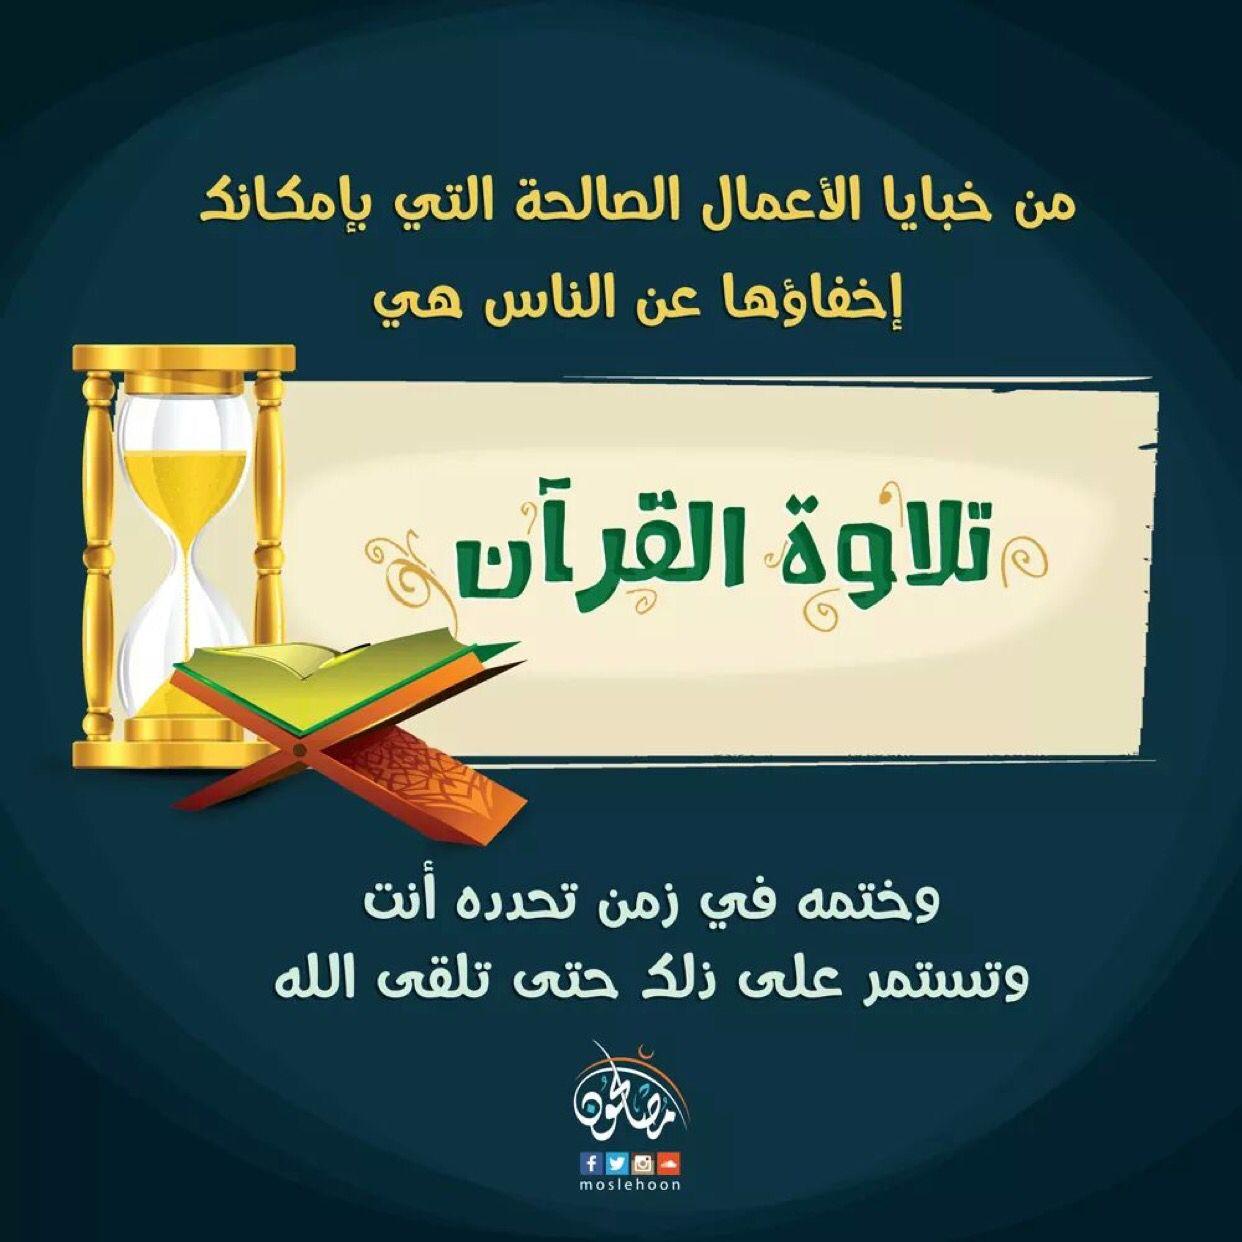 تلاوة القرآن الكريم Learning Styles Islam Quran